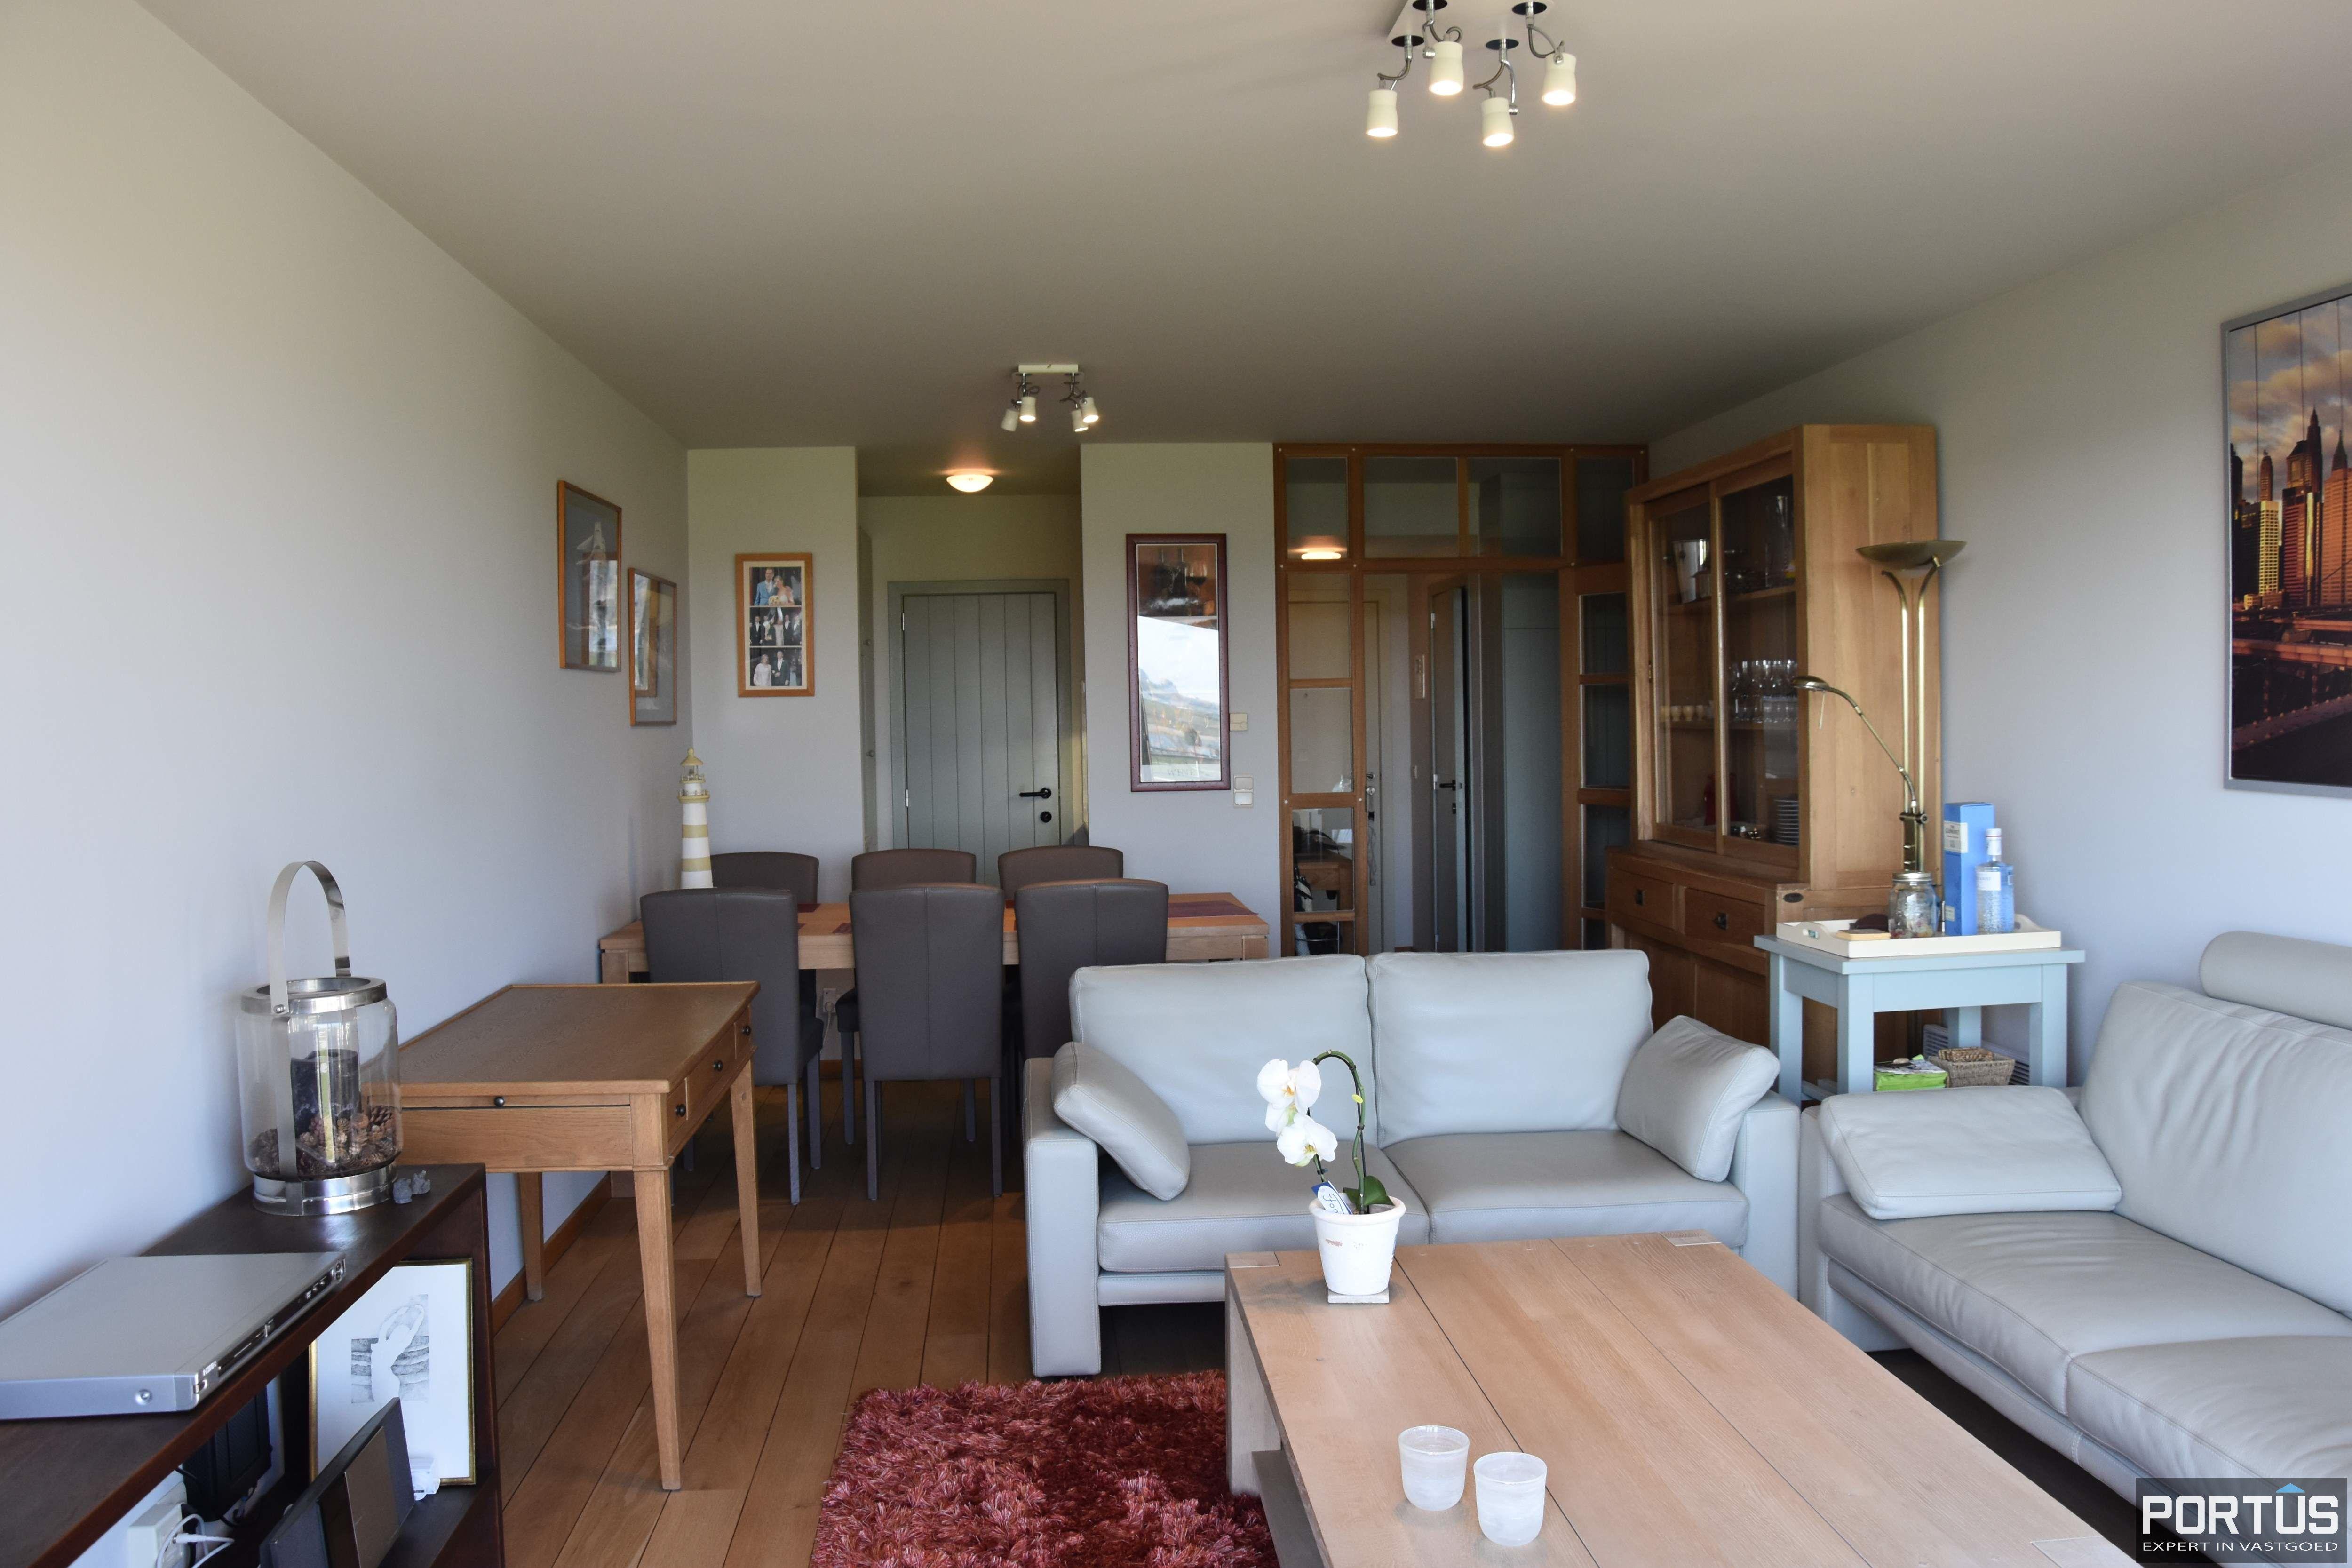 Appartement met slaapkamer, slaaphoek en parking te huur Nieuwpoort - 9527